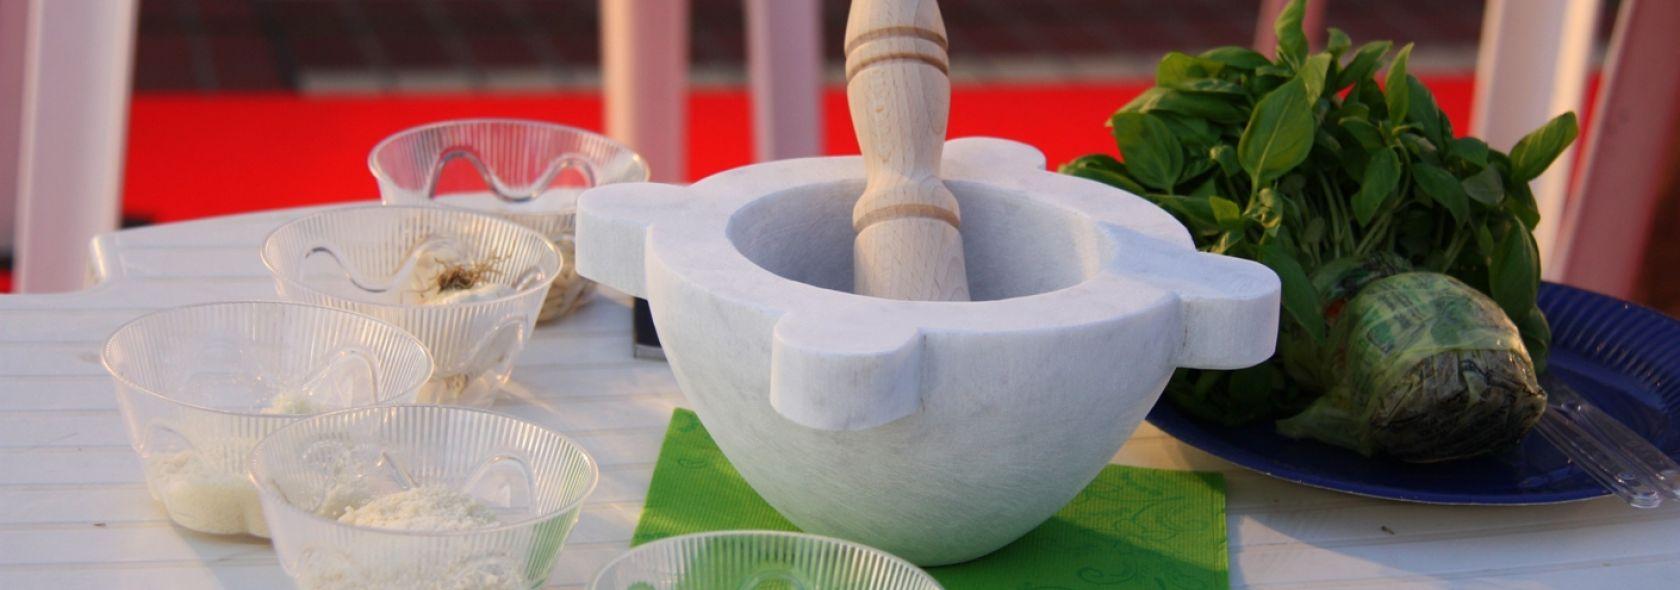 Basilico di Pra' DOP e tradizionale mortaio di marmo © genovacittadigitale